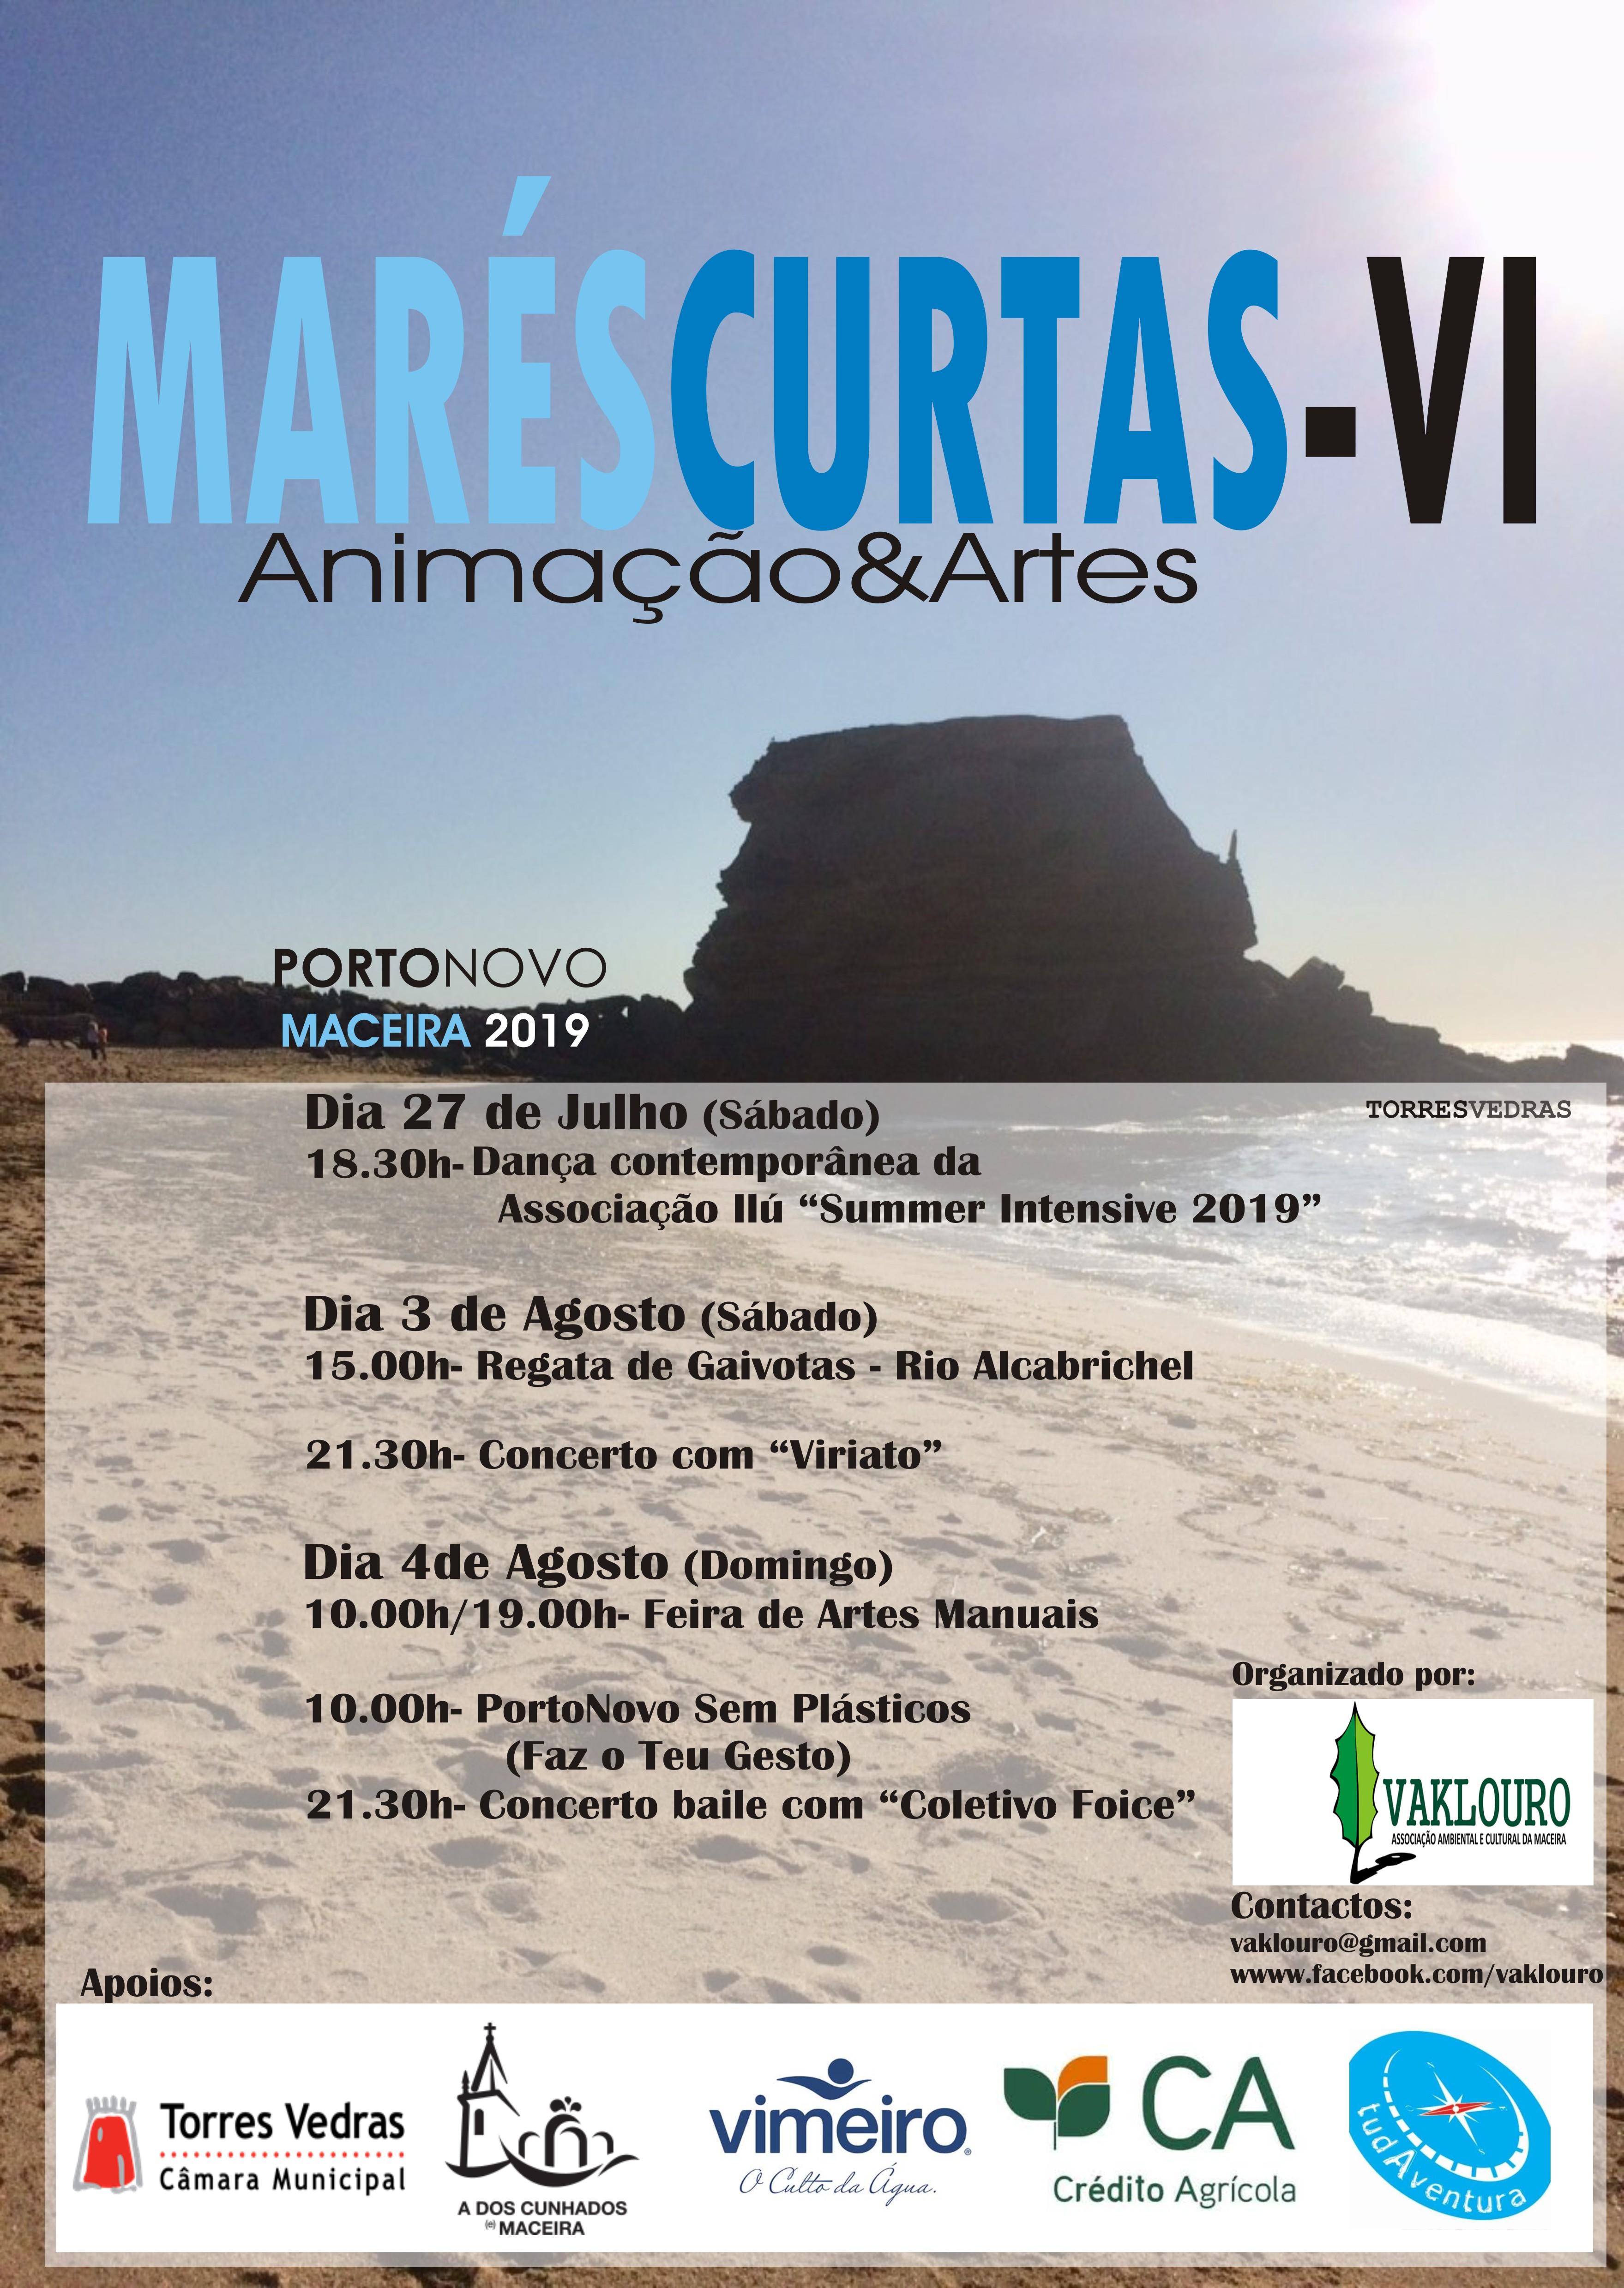 mares curtas 2019